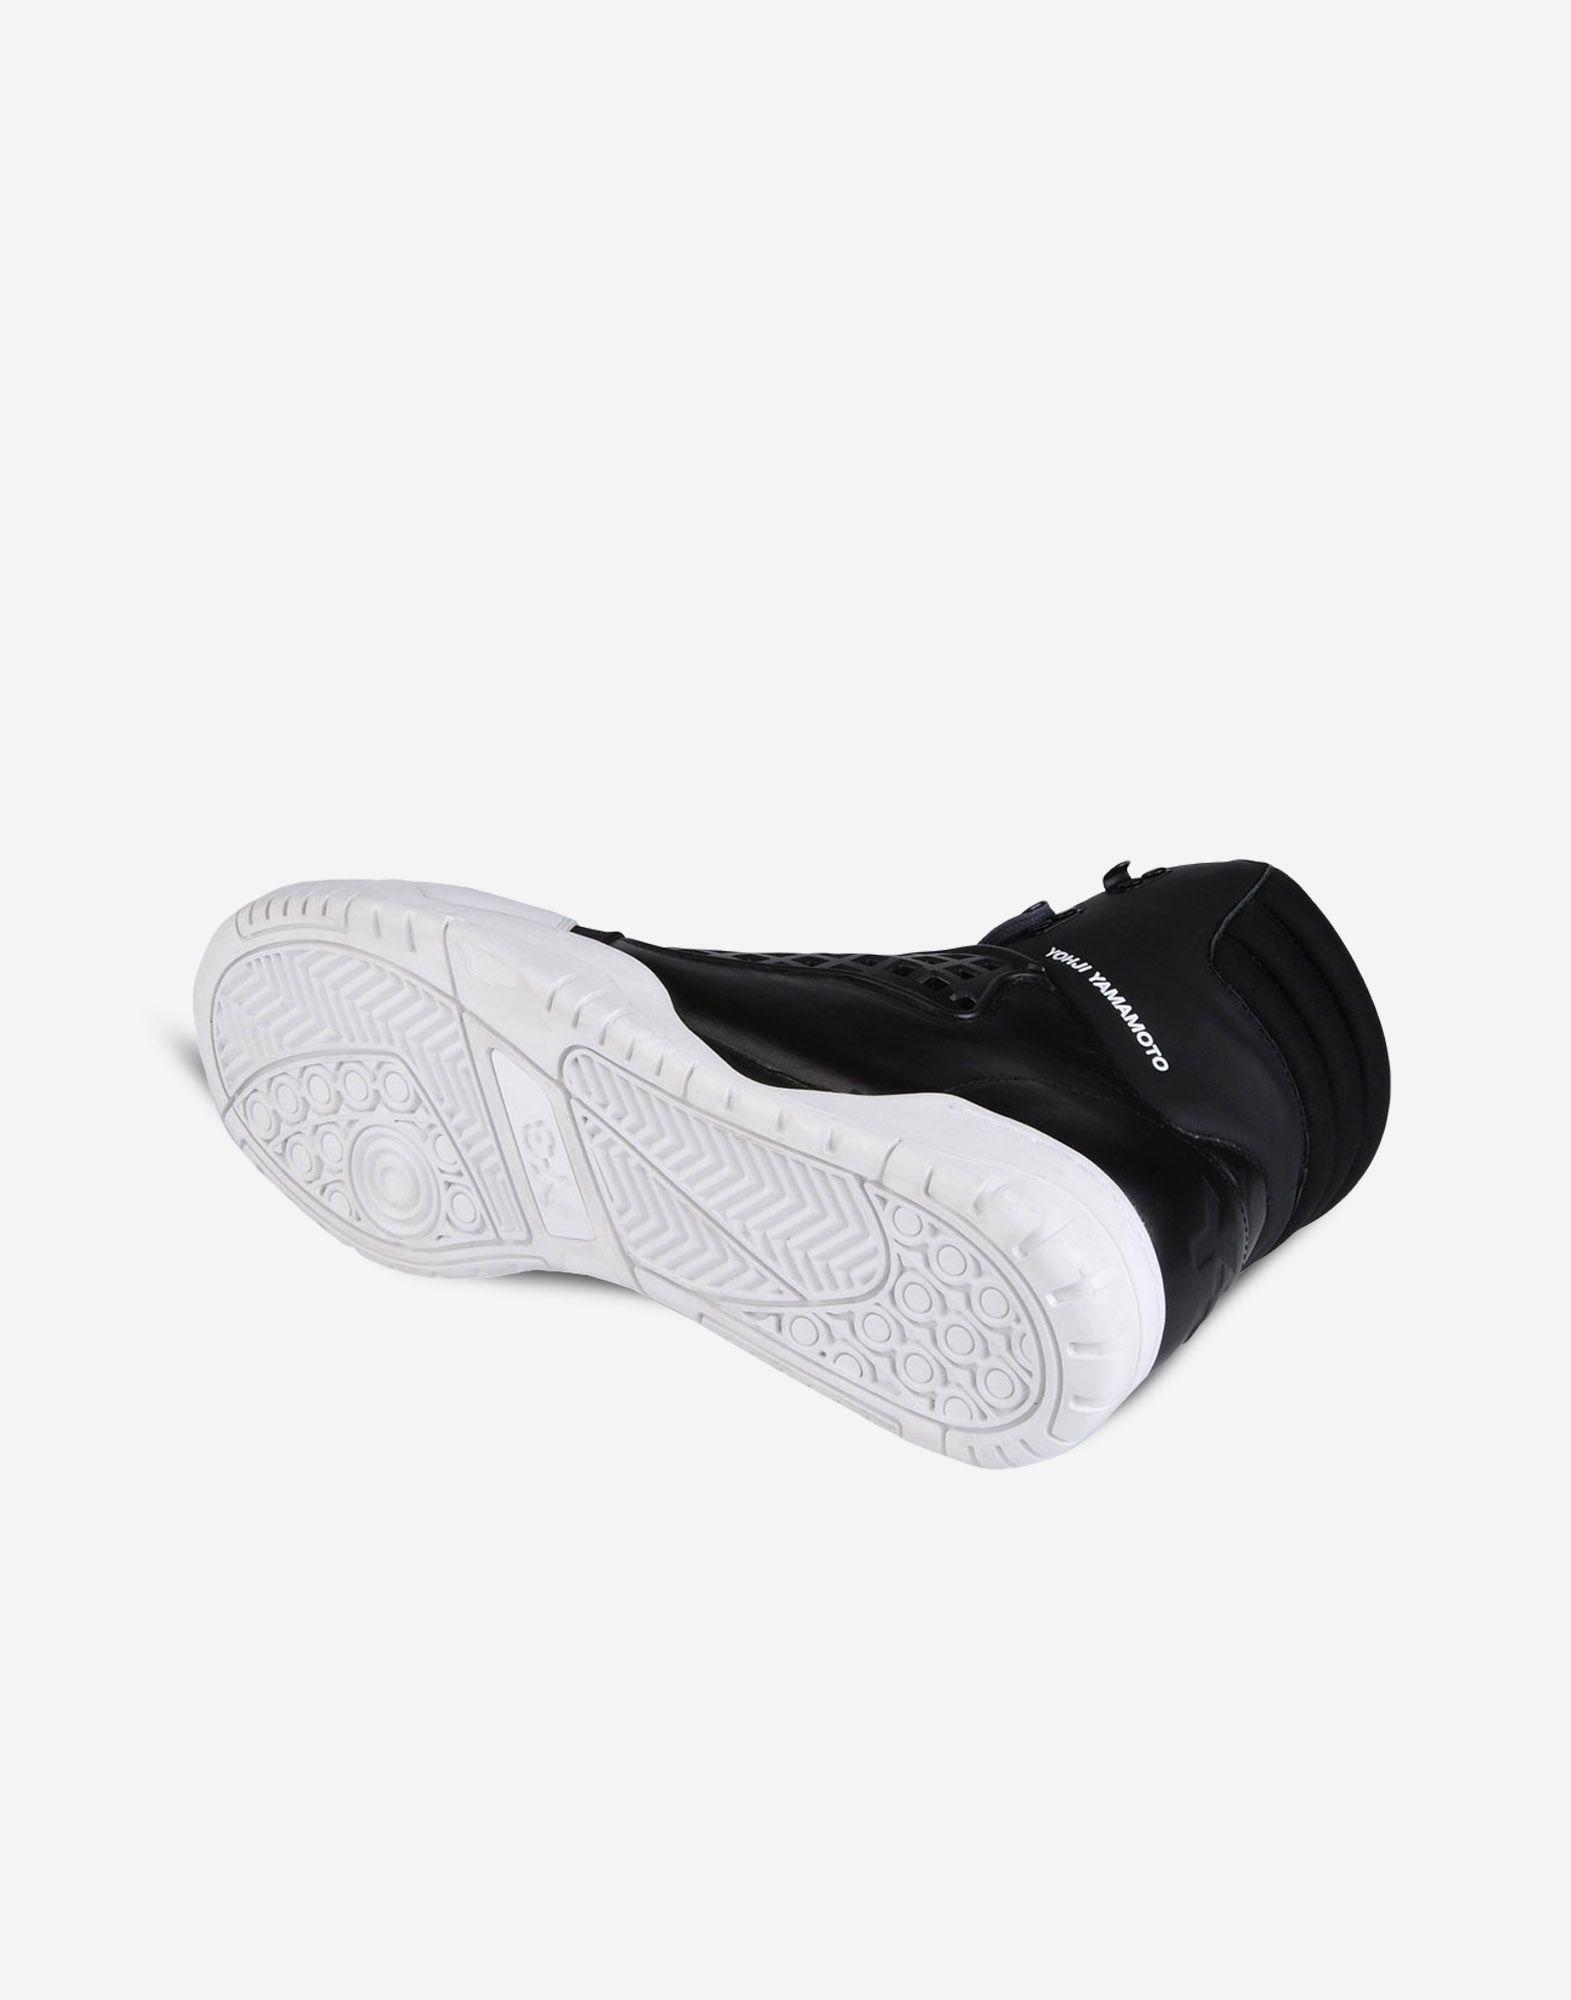 Y-3 Y-3 HELD ENFORCER  High-top sneakers Man e